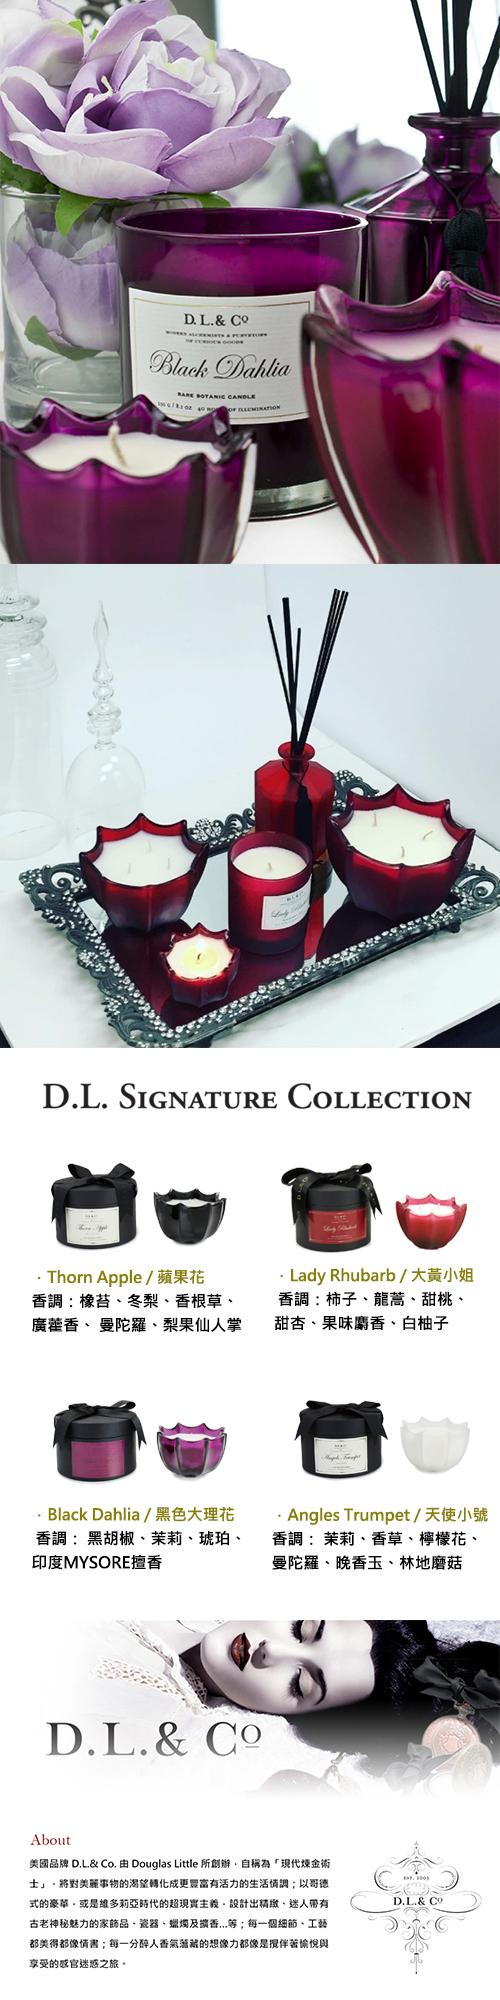 D.L.&Co 經典系列貝殼杯蠟 天使小號